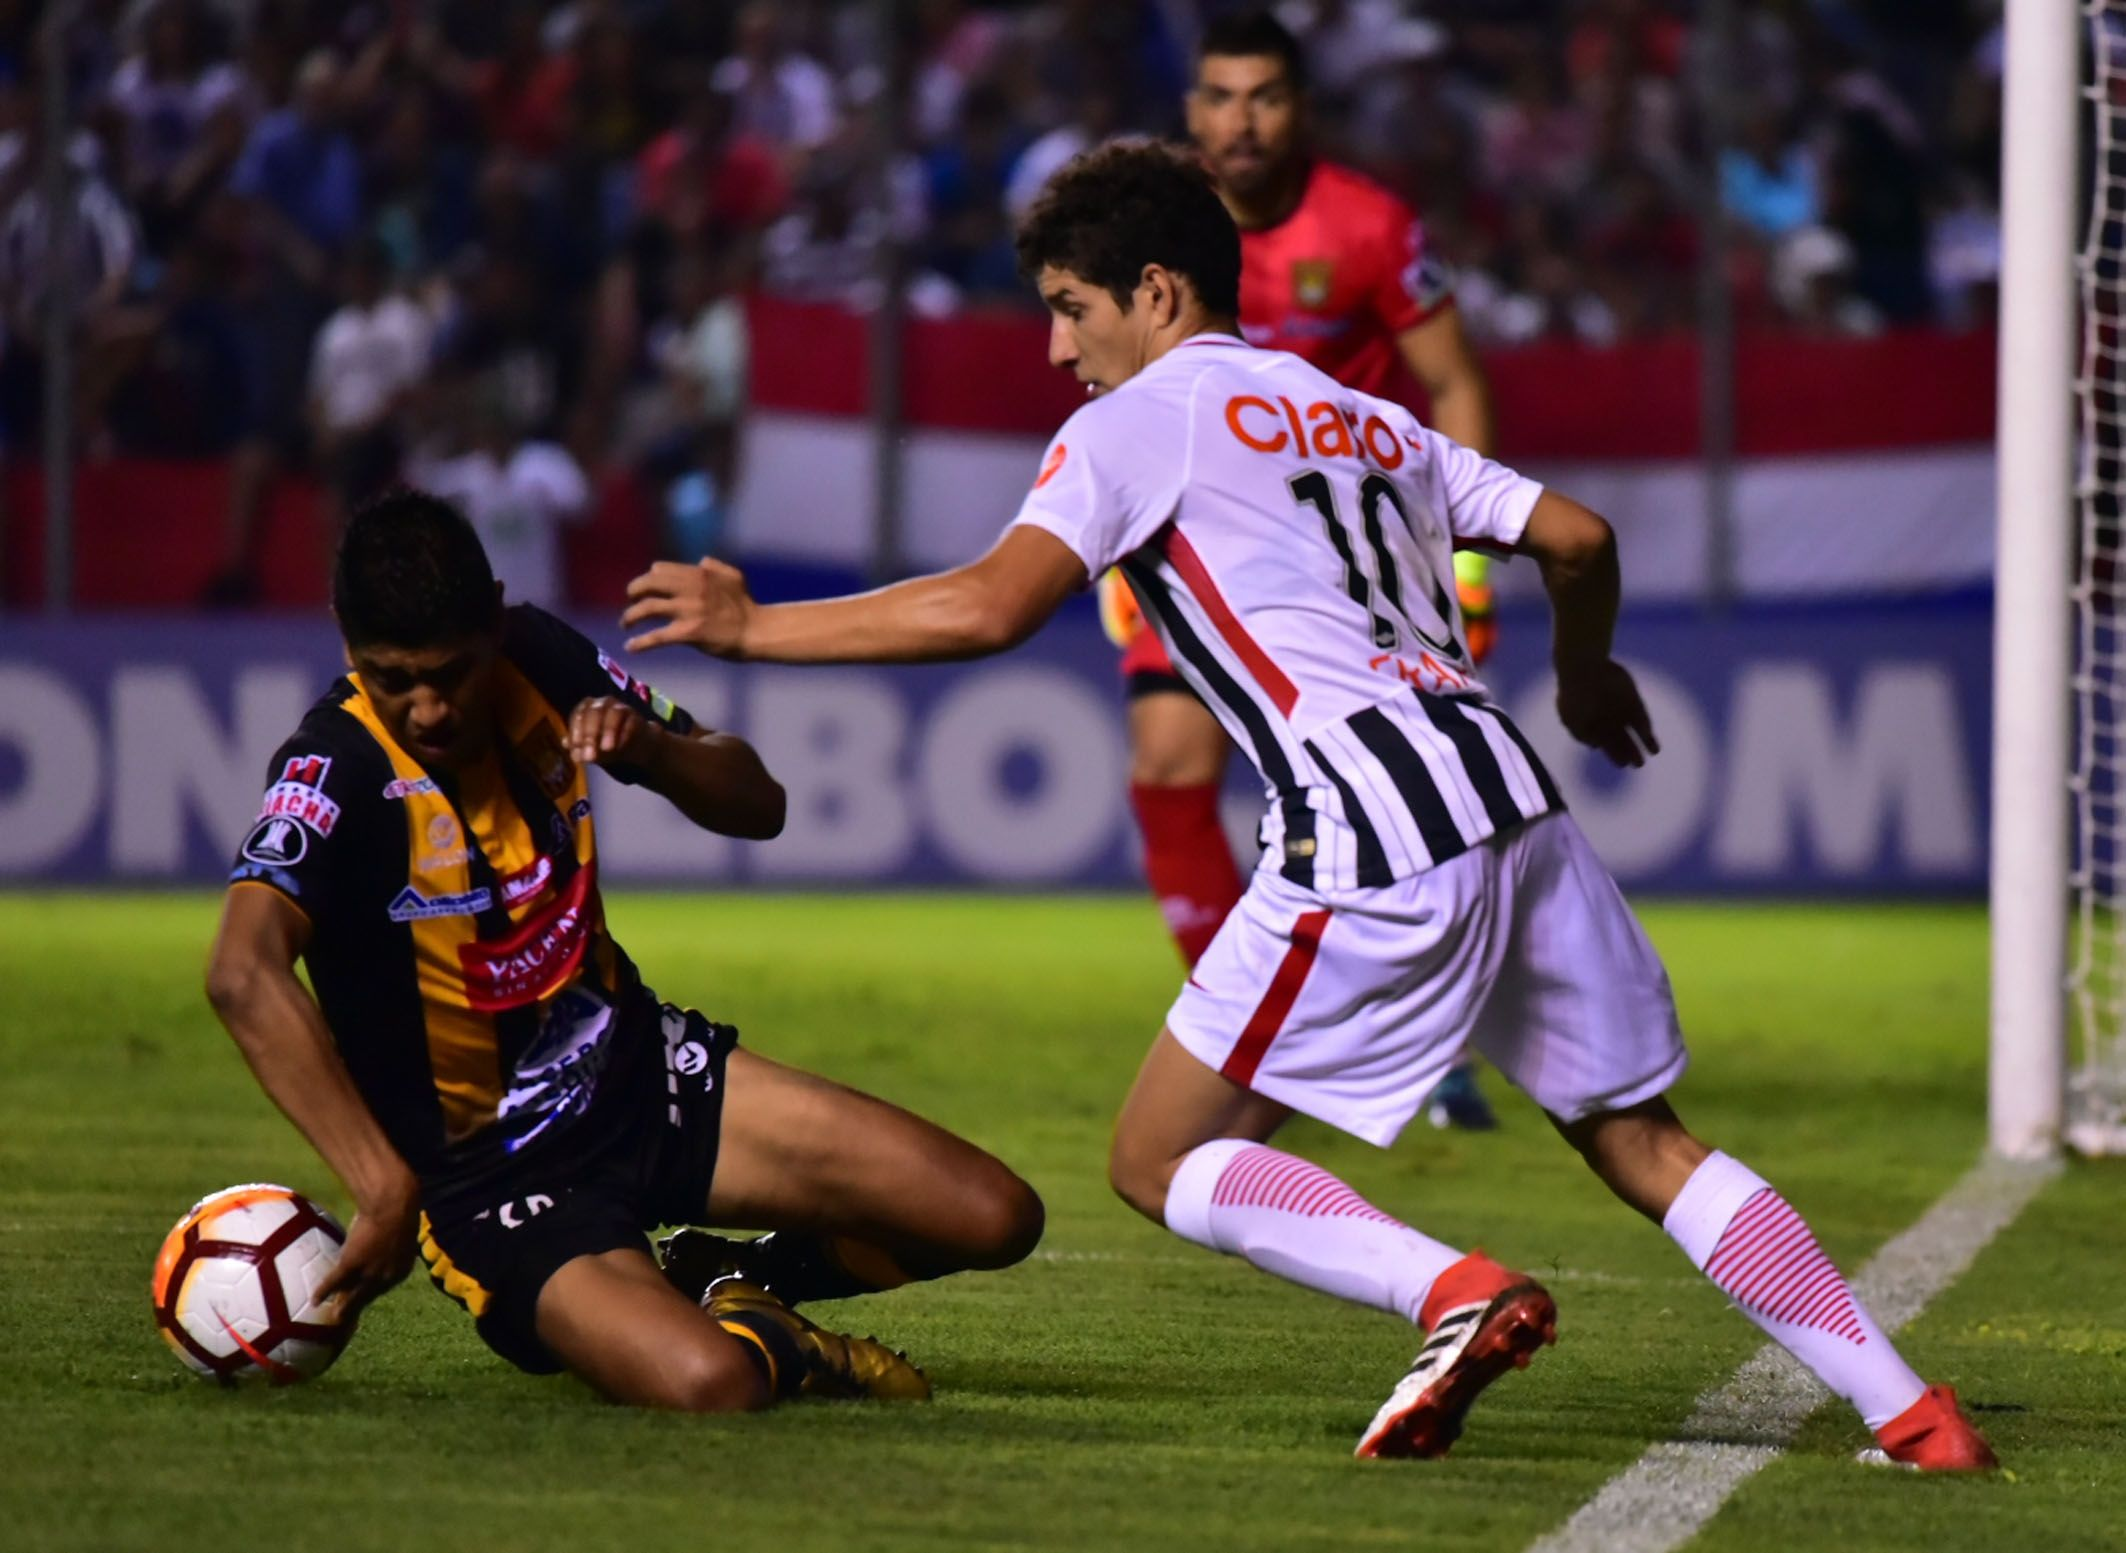 Iván Francotiene contrato con Libertad por 4 años. Foto: Fernando Calistro